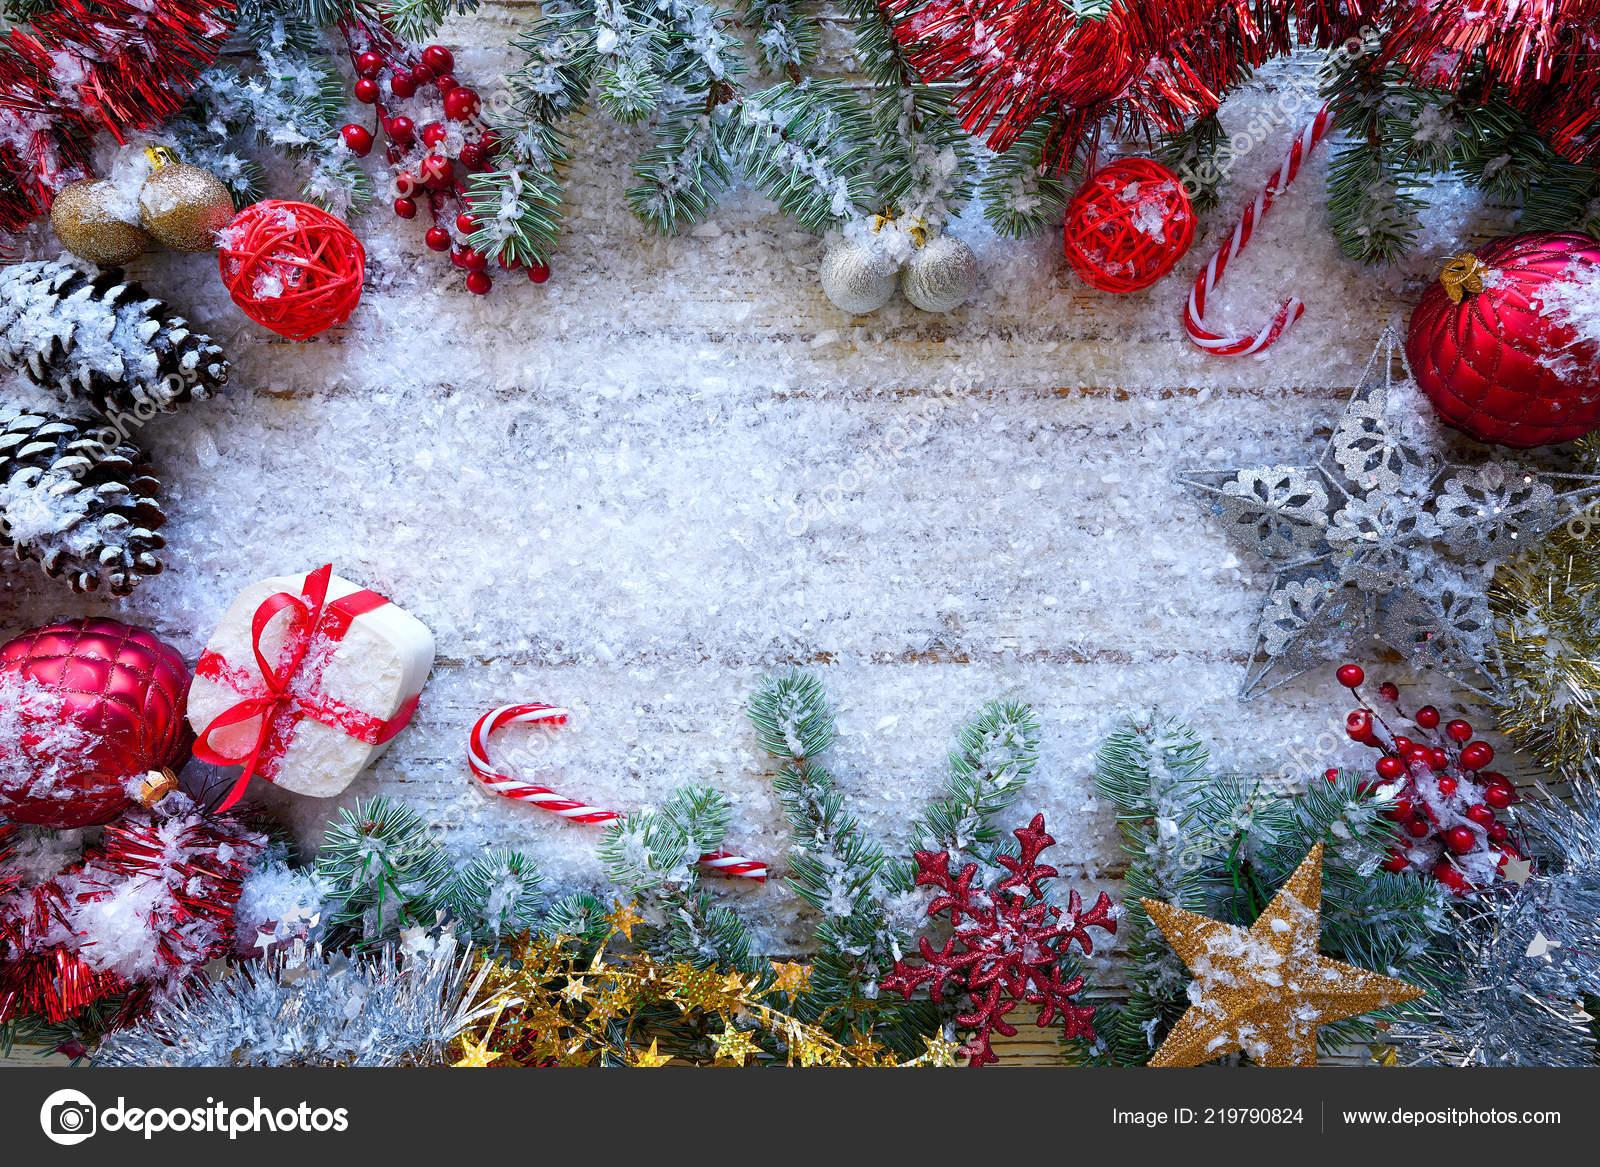 Обои композиция на белом фоне, Красивая рождественская. Новый год foto 13